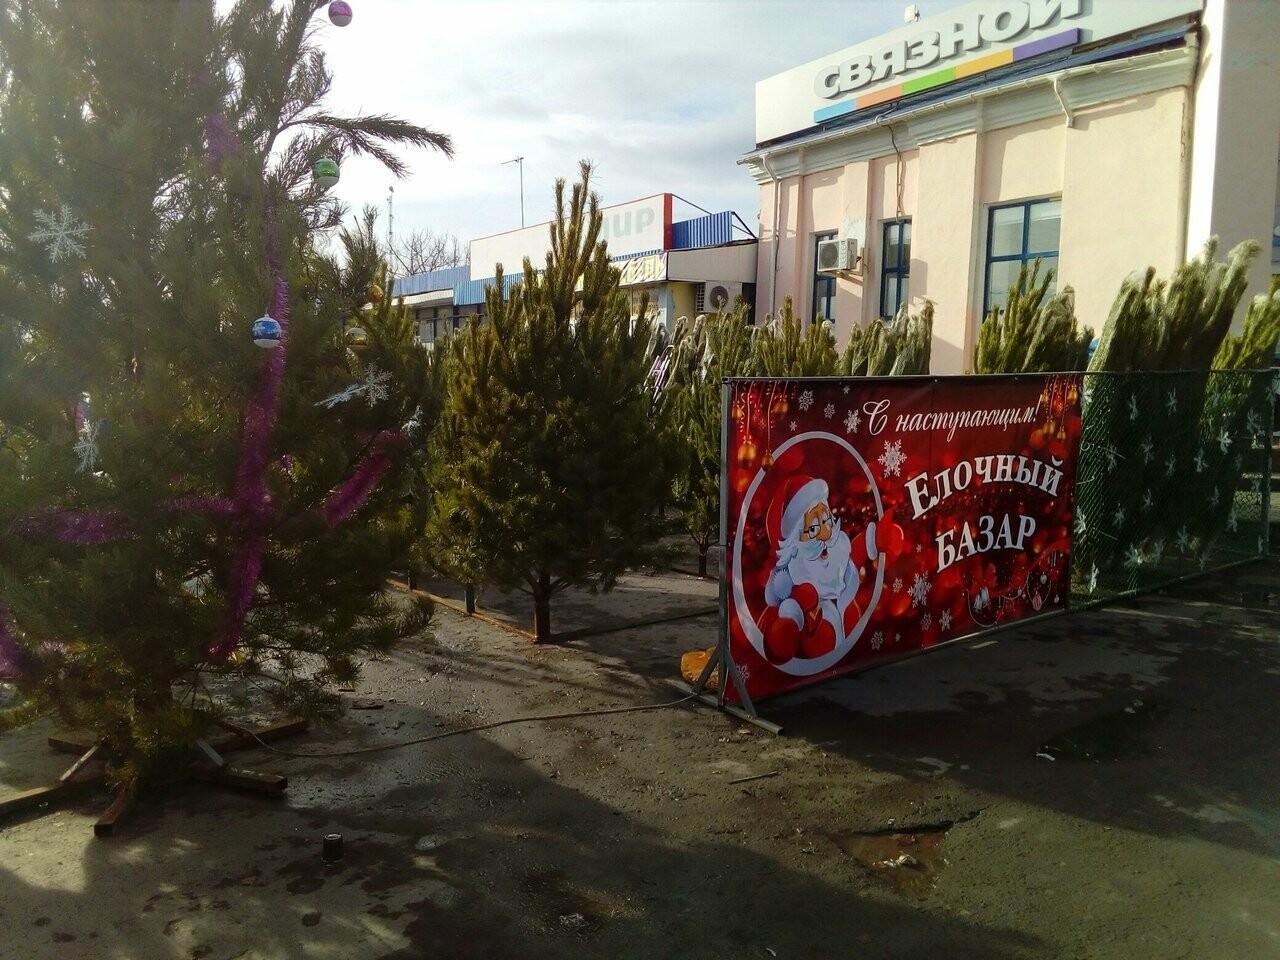 В Новошахтинске стартовала продажа хвойных деревьев, фото-1